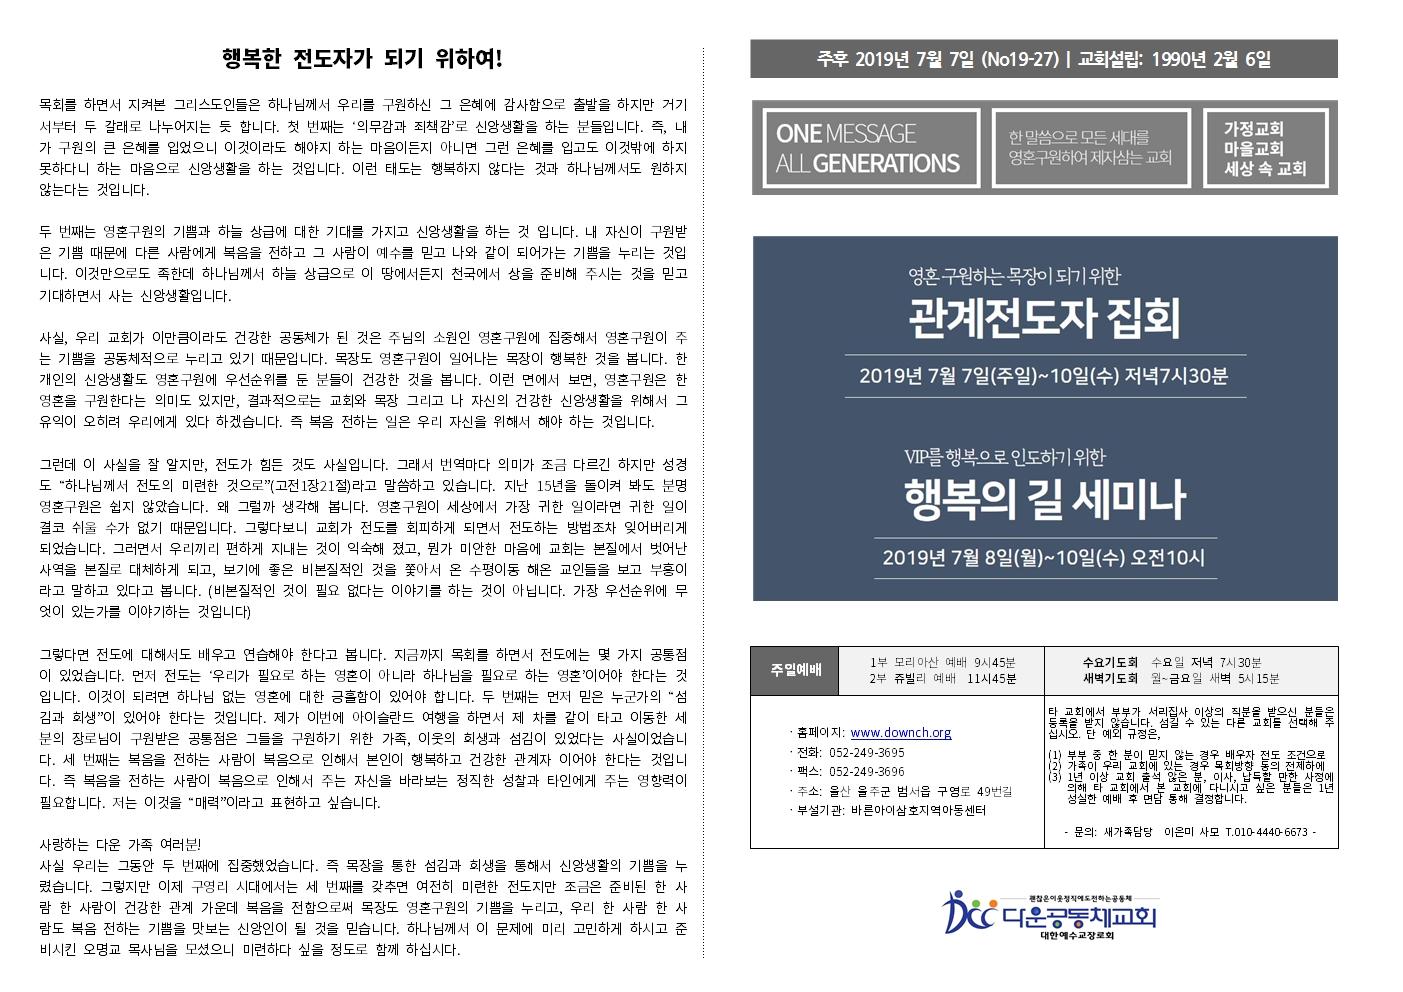 001_구영리교회주보_2019_07-08월003.jpg